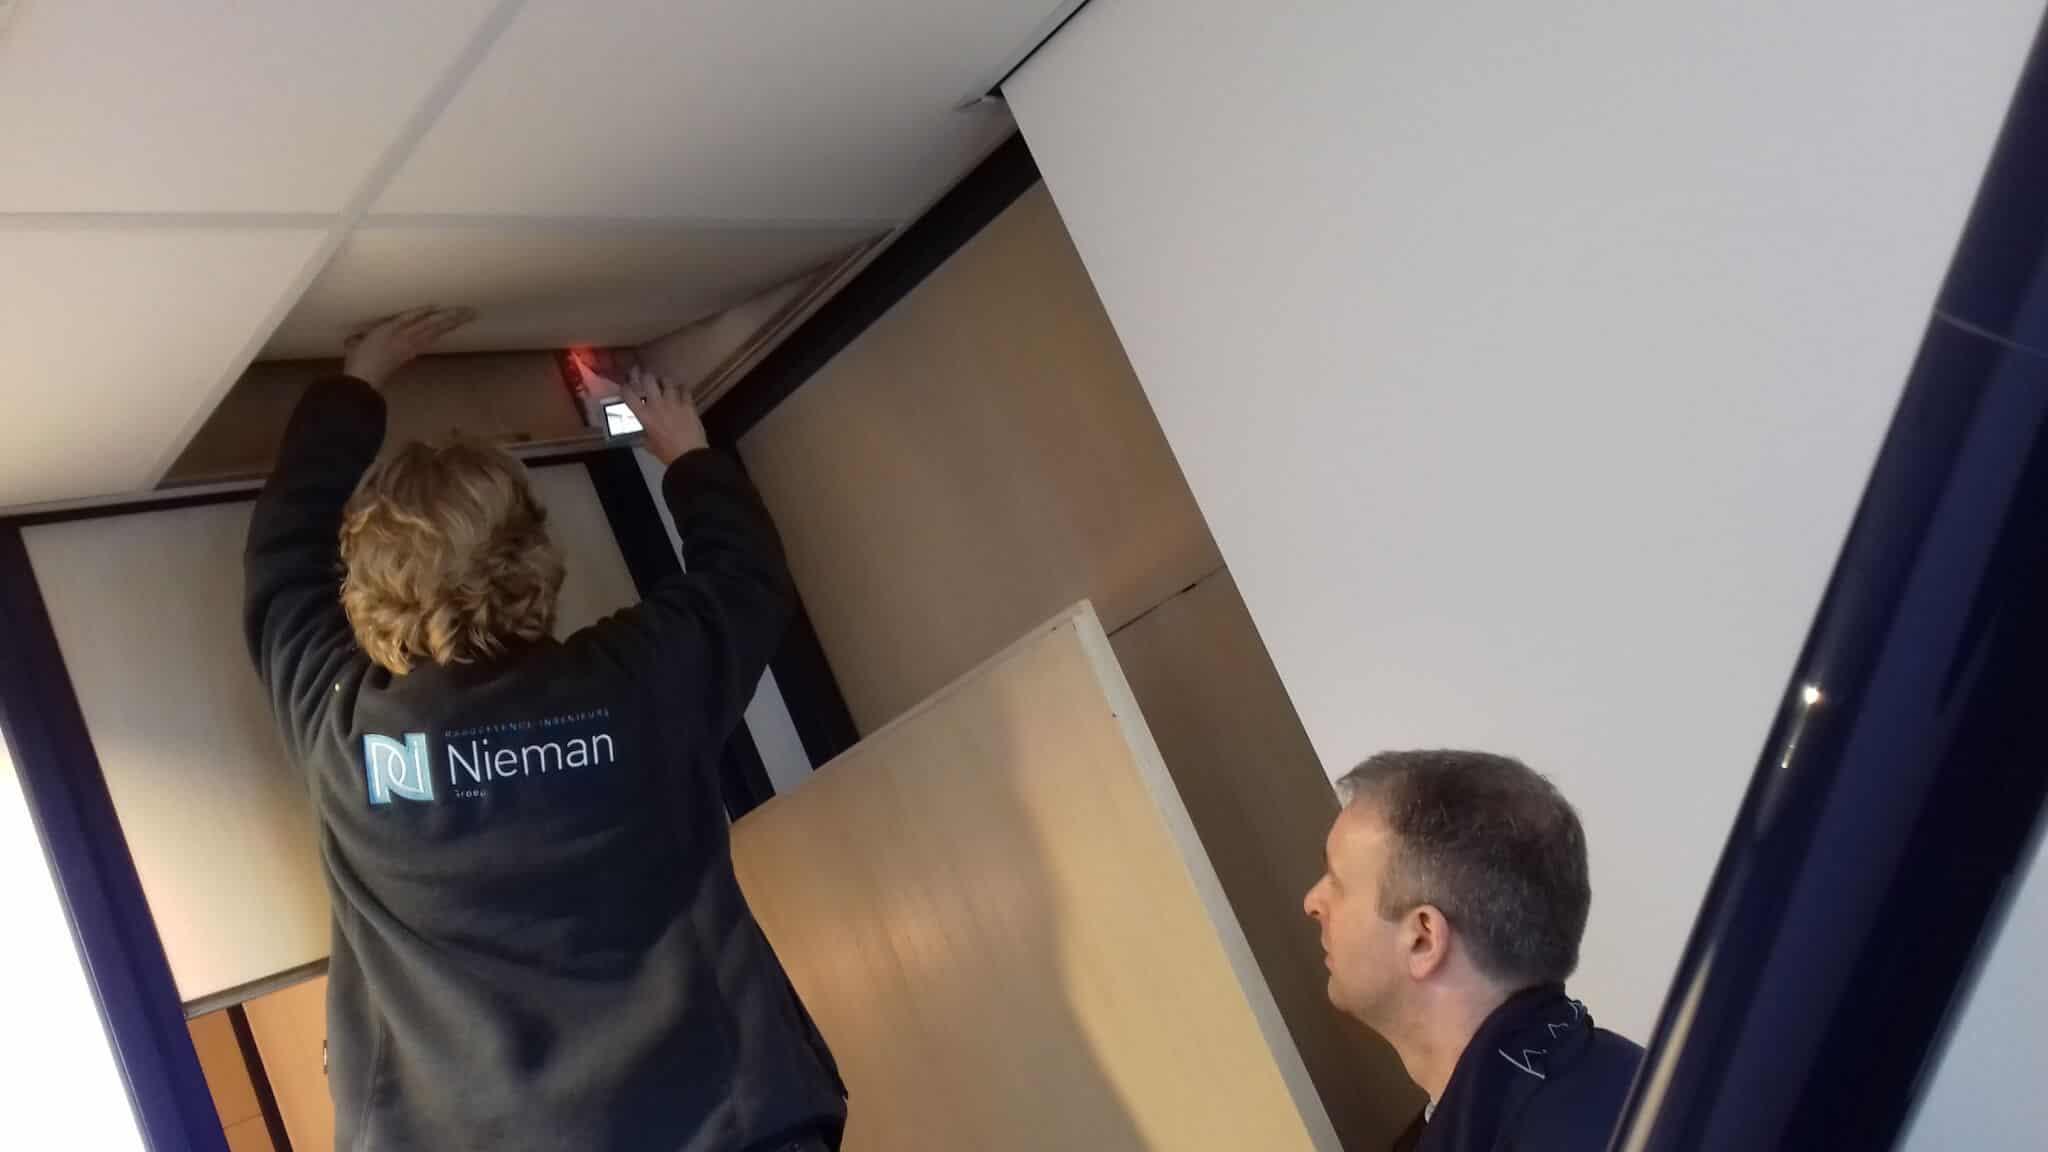 Inspectie brandveiligheid